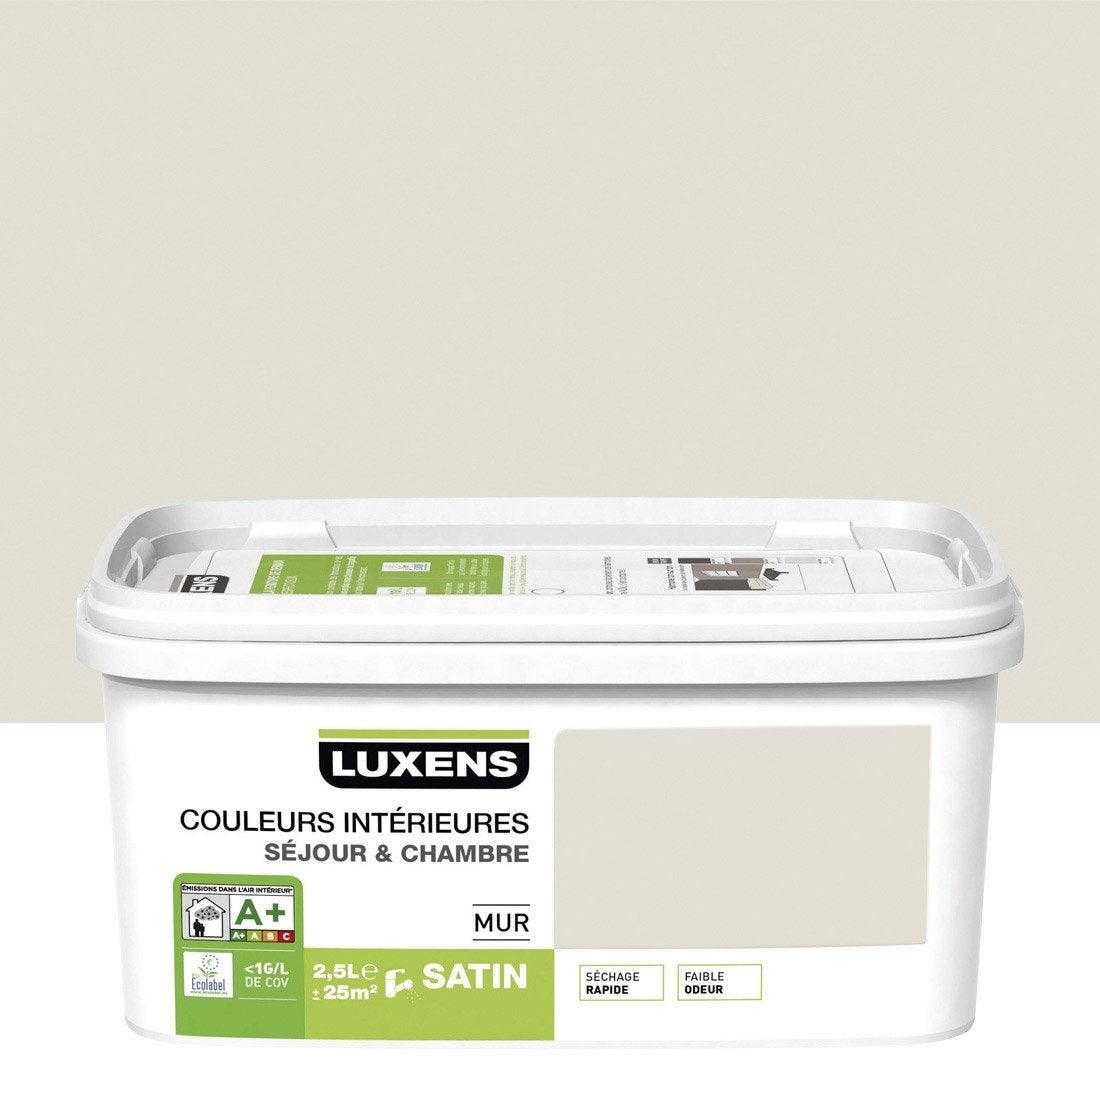 Peinture blanc lin 2 luxens couleurs int rieures 2 5 l leroy merlin for Peinture couleur lin